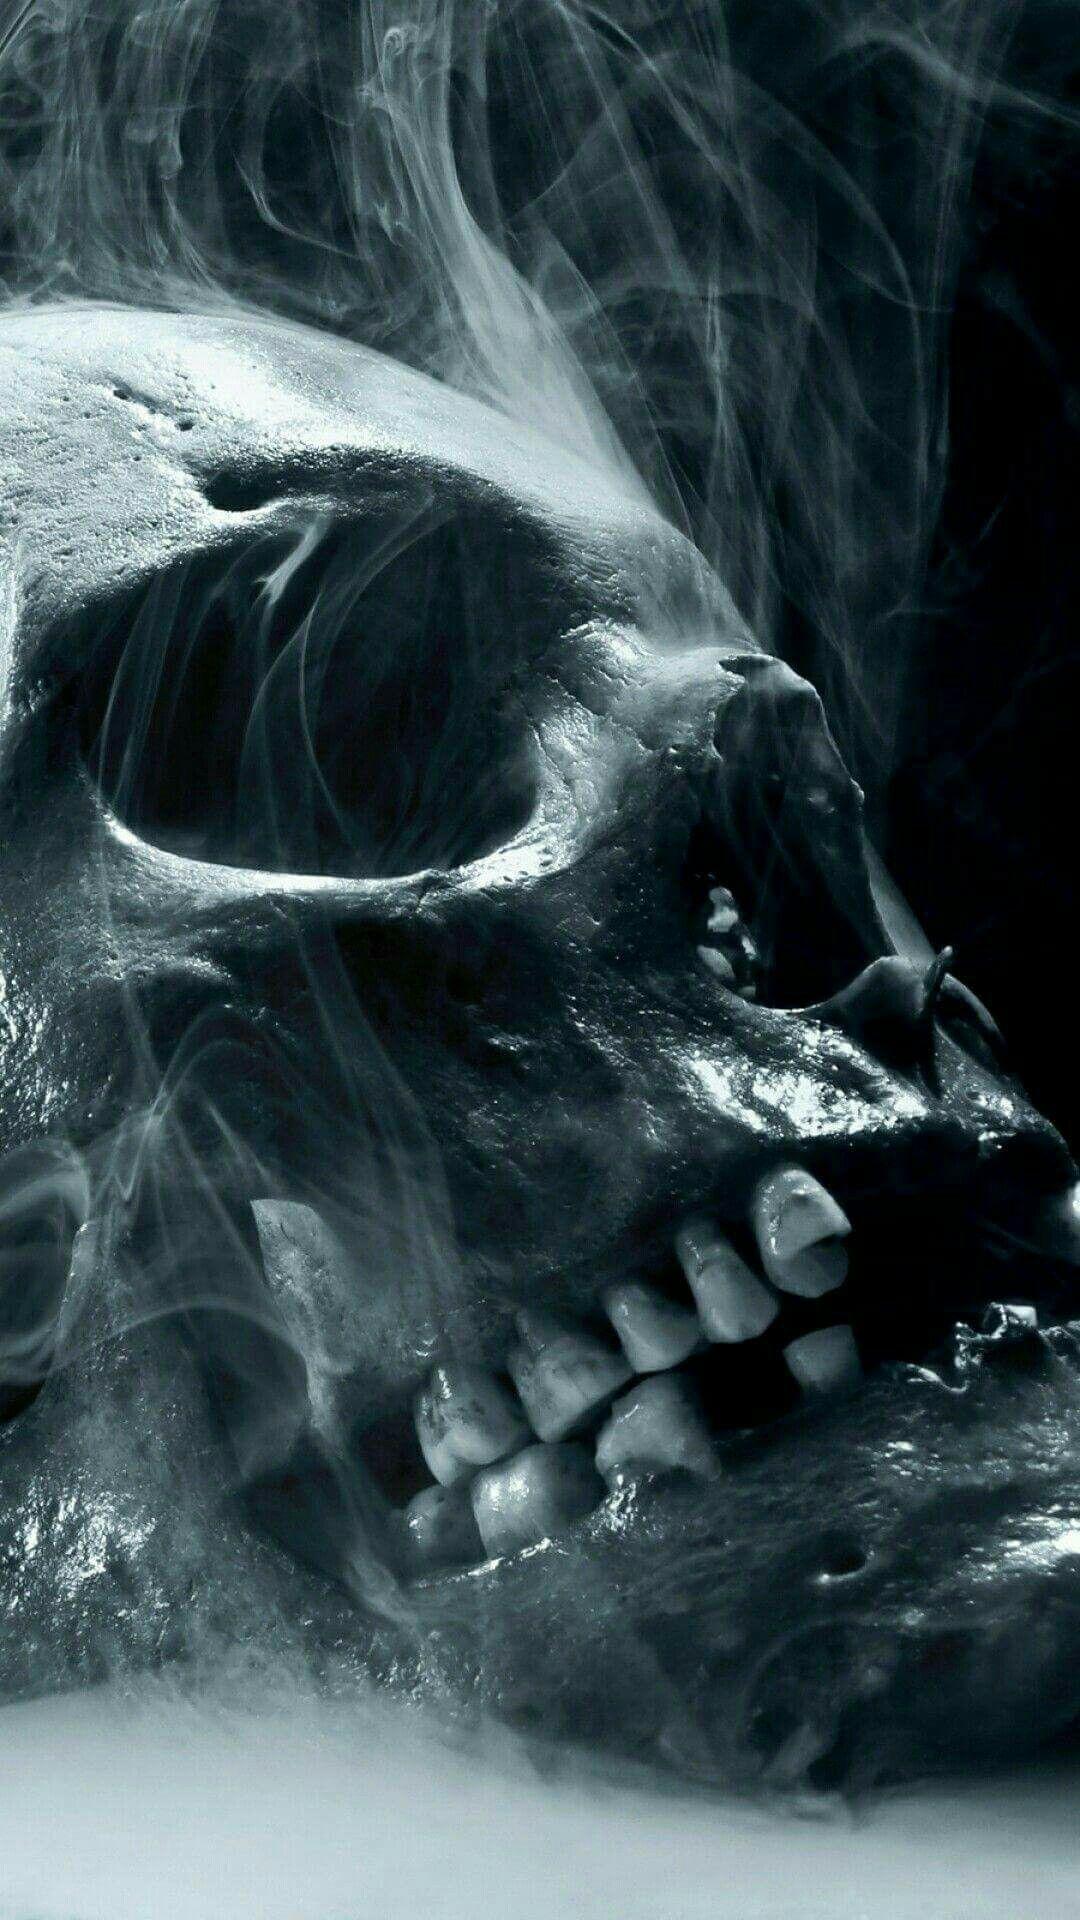 Flesh Is Overrated Scary Wallpaper Skull Wallpaper Skull Artwork